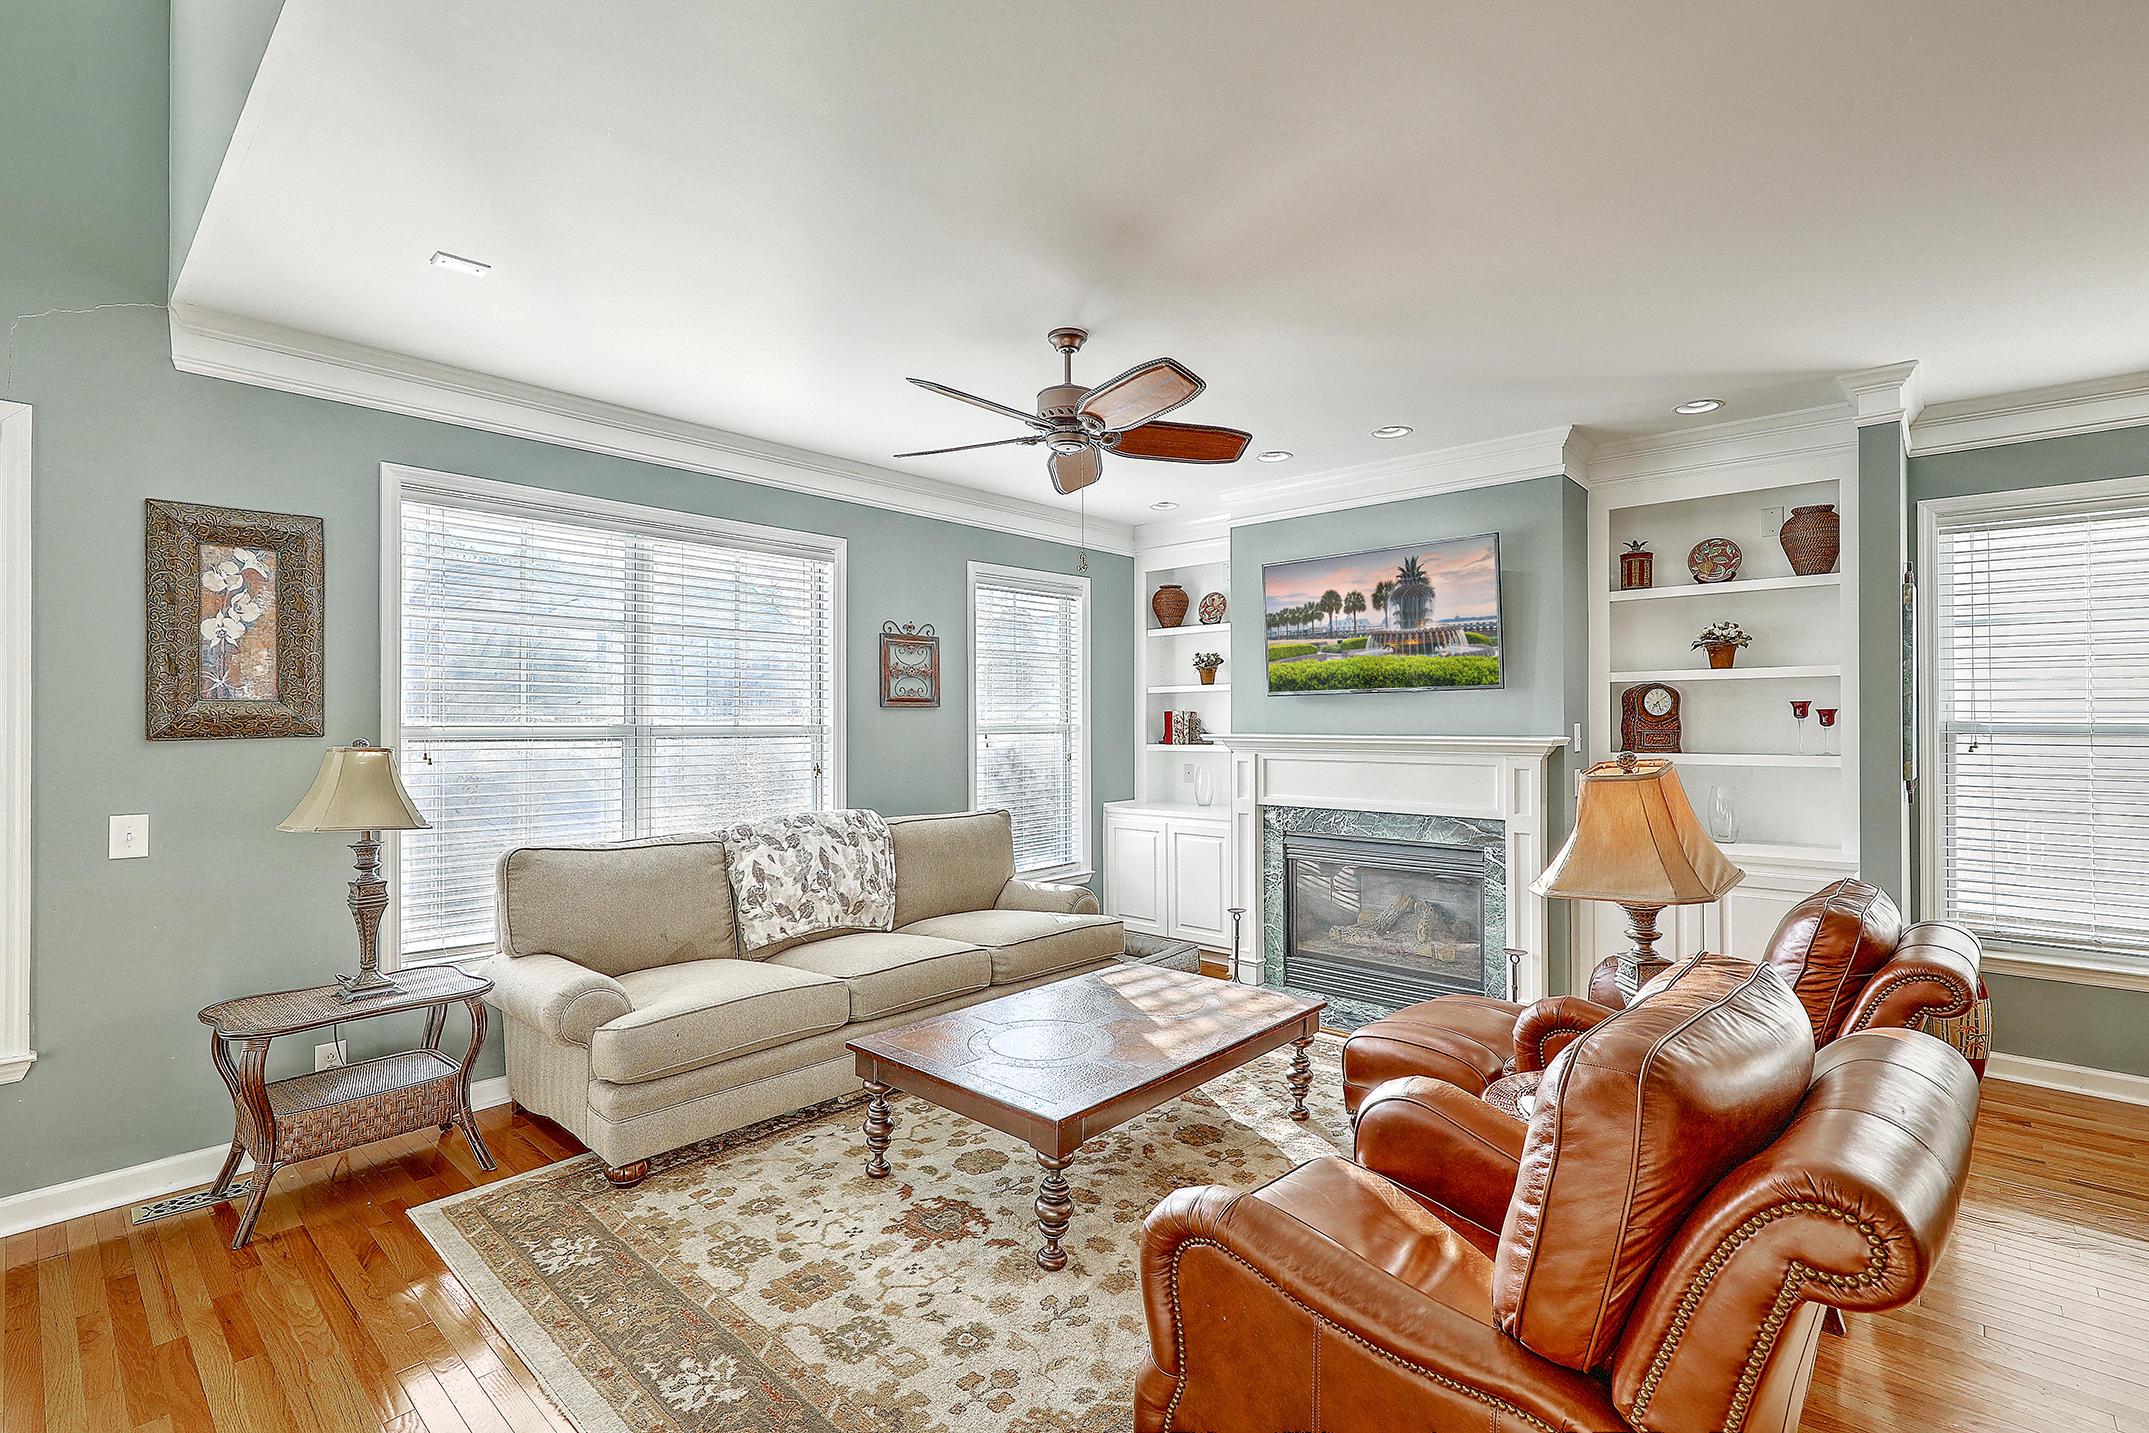 Dunes West Homes For Sale - 129 Palm Cove, Mount Pleasant, SC - 0